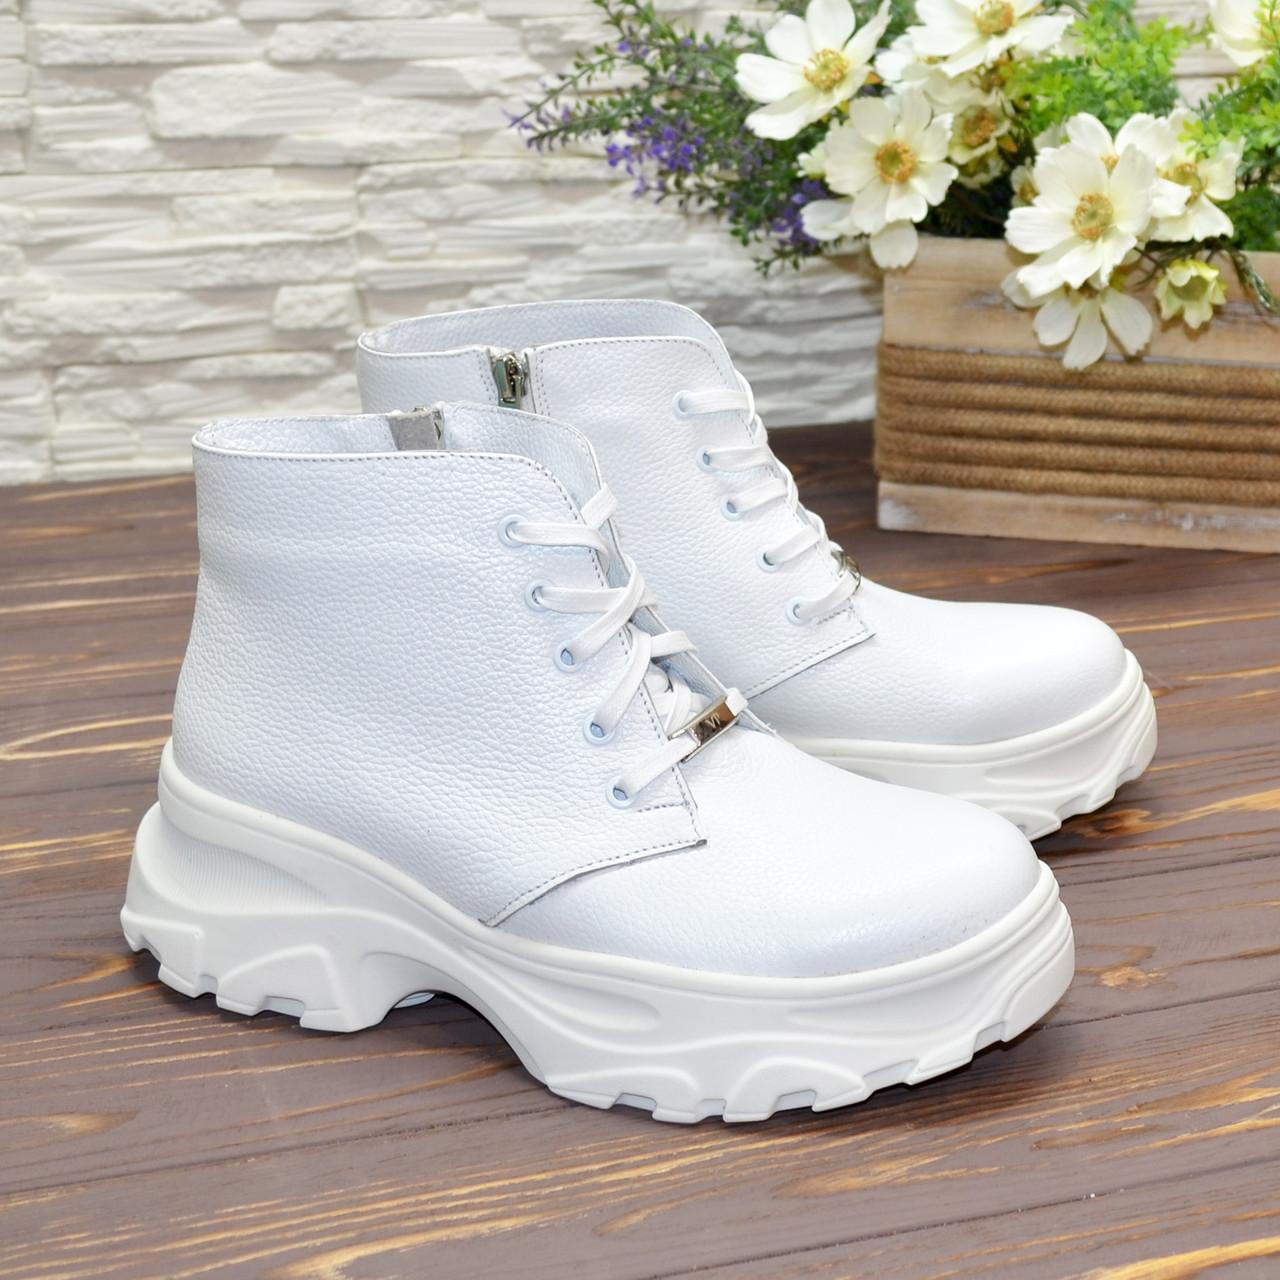 Ботинки женские белые кожаные спортивного стиля